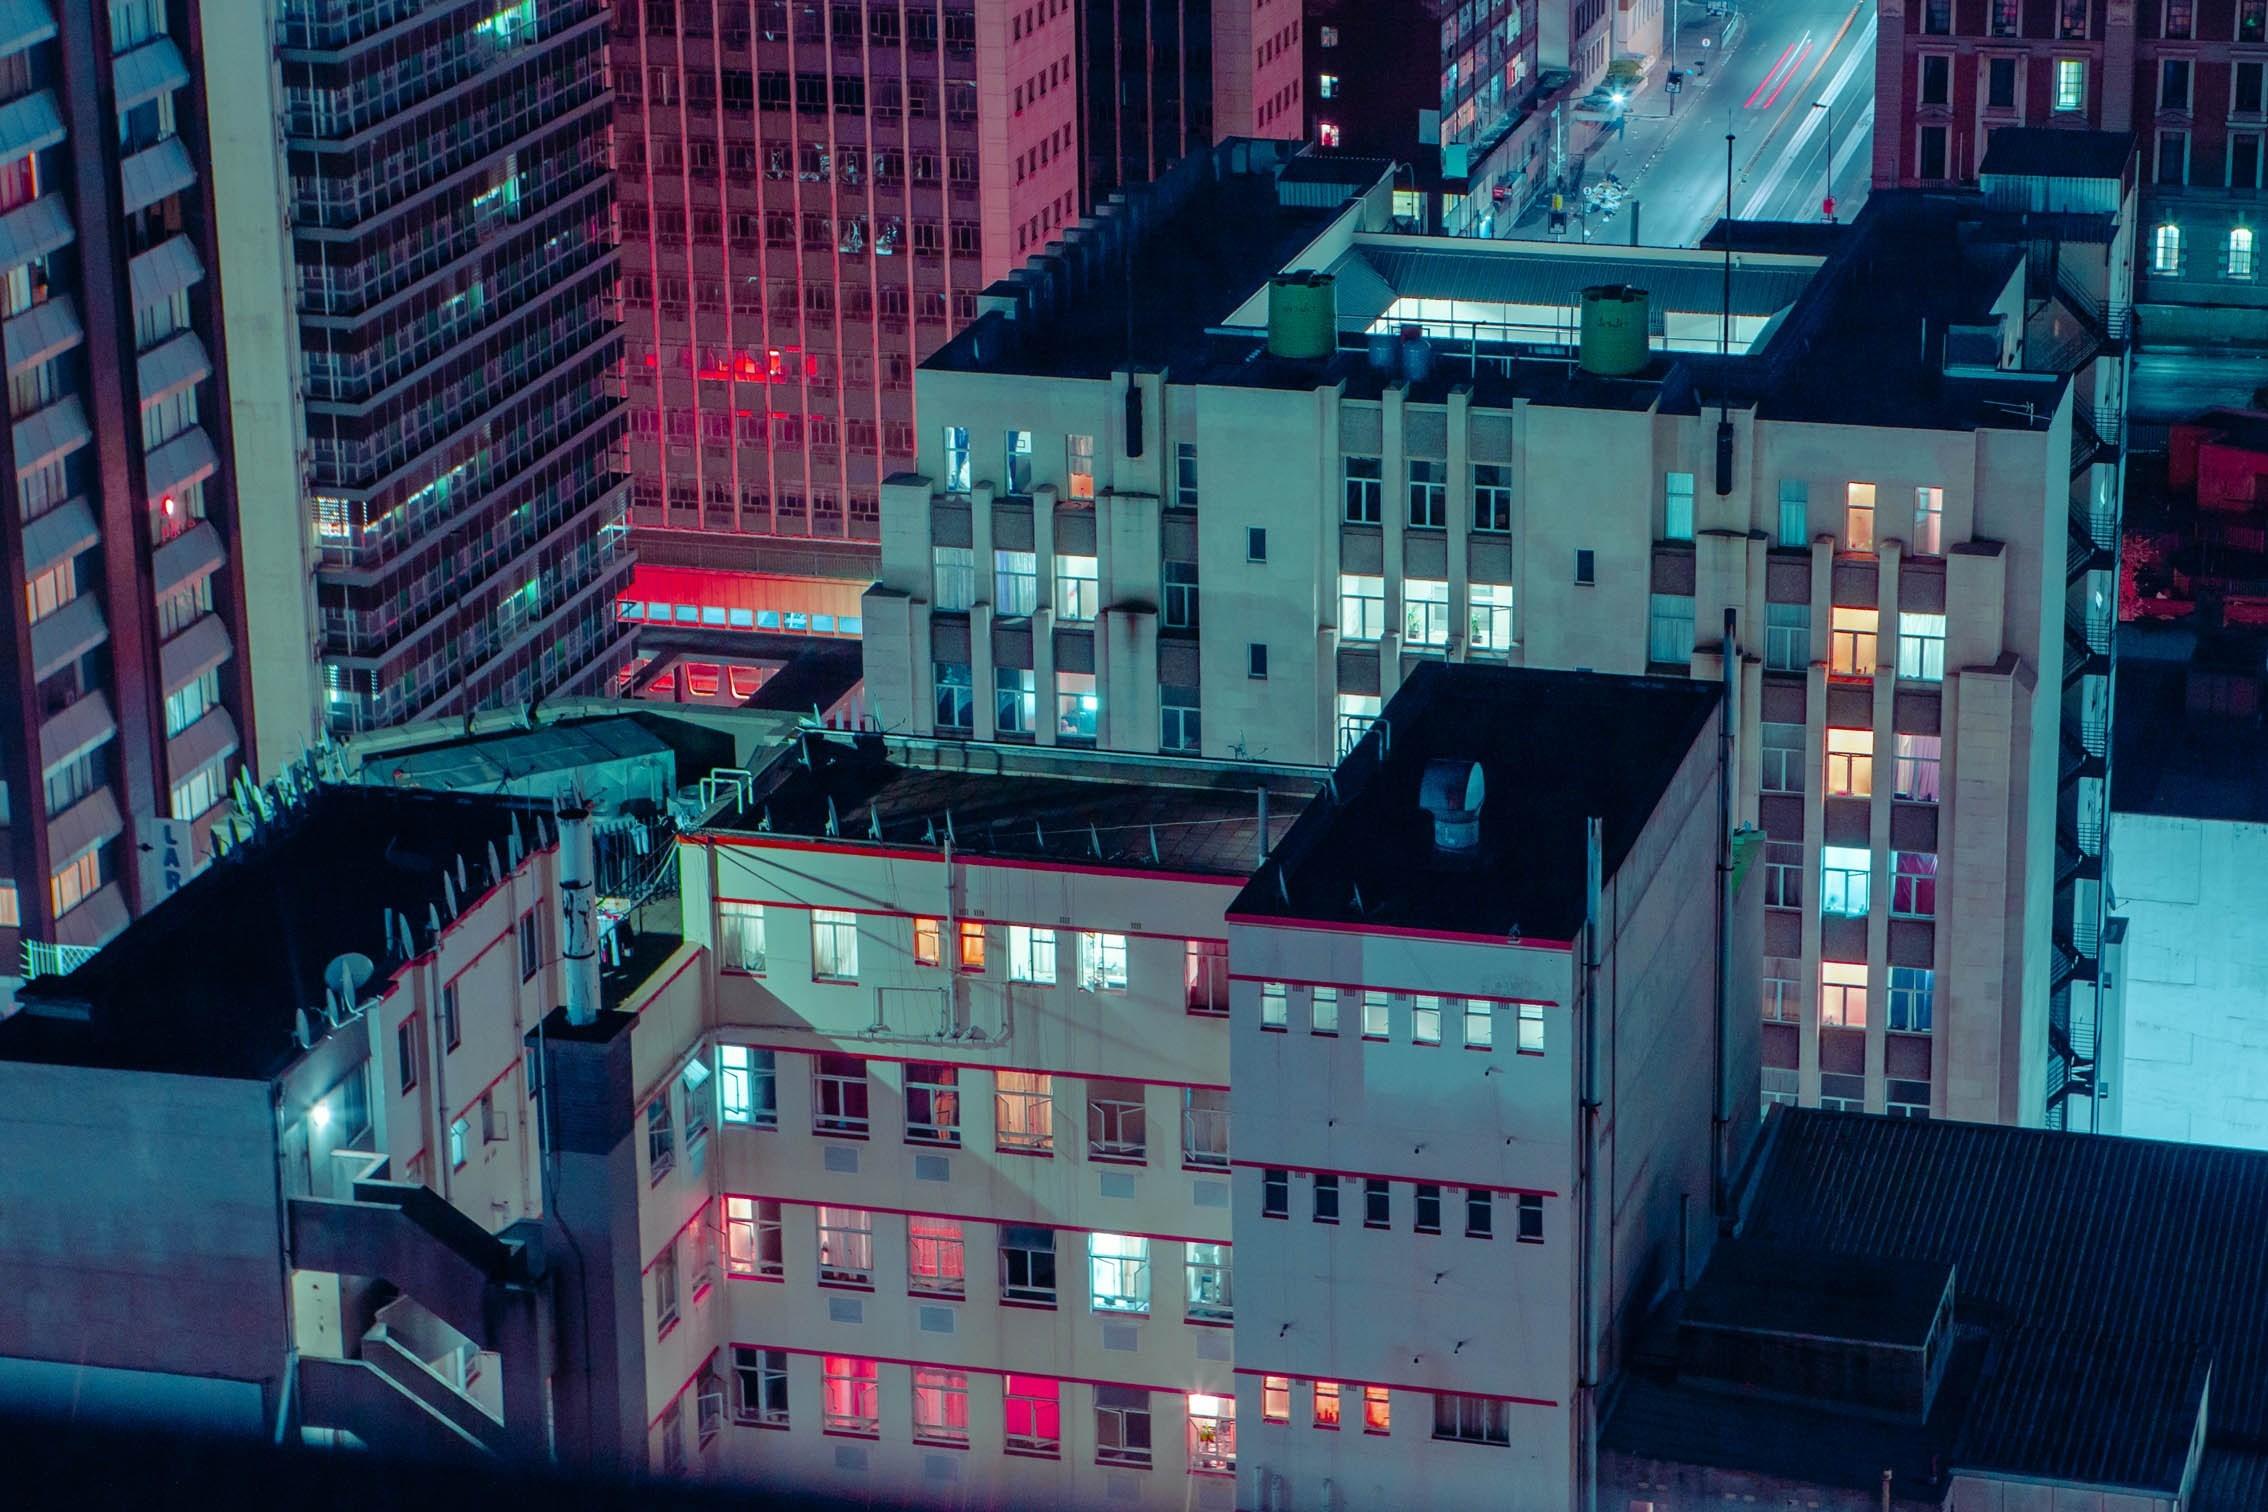 Elsa Bleda y el Johannesburgo nocturno